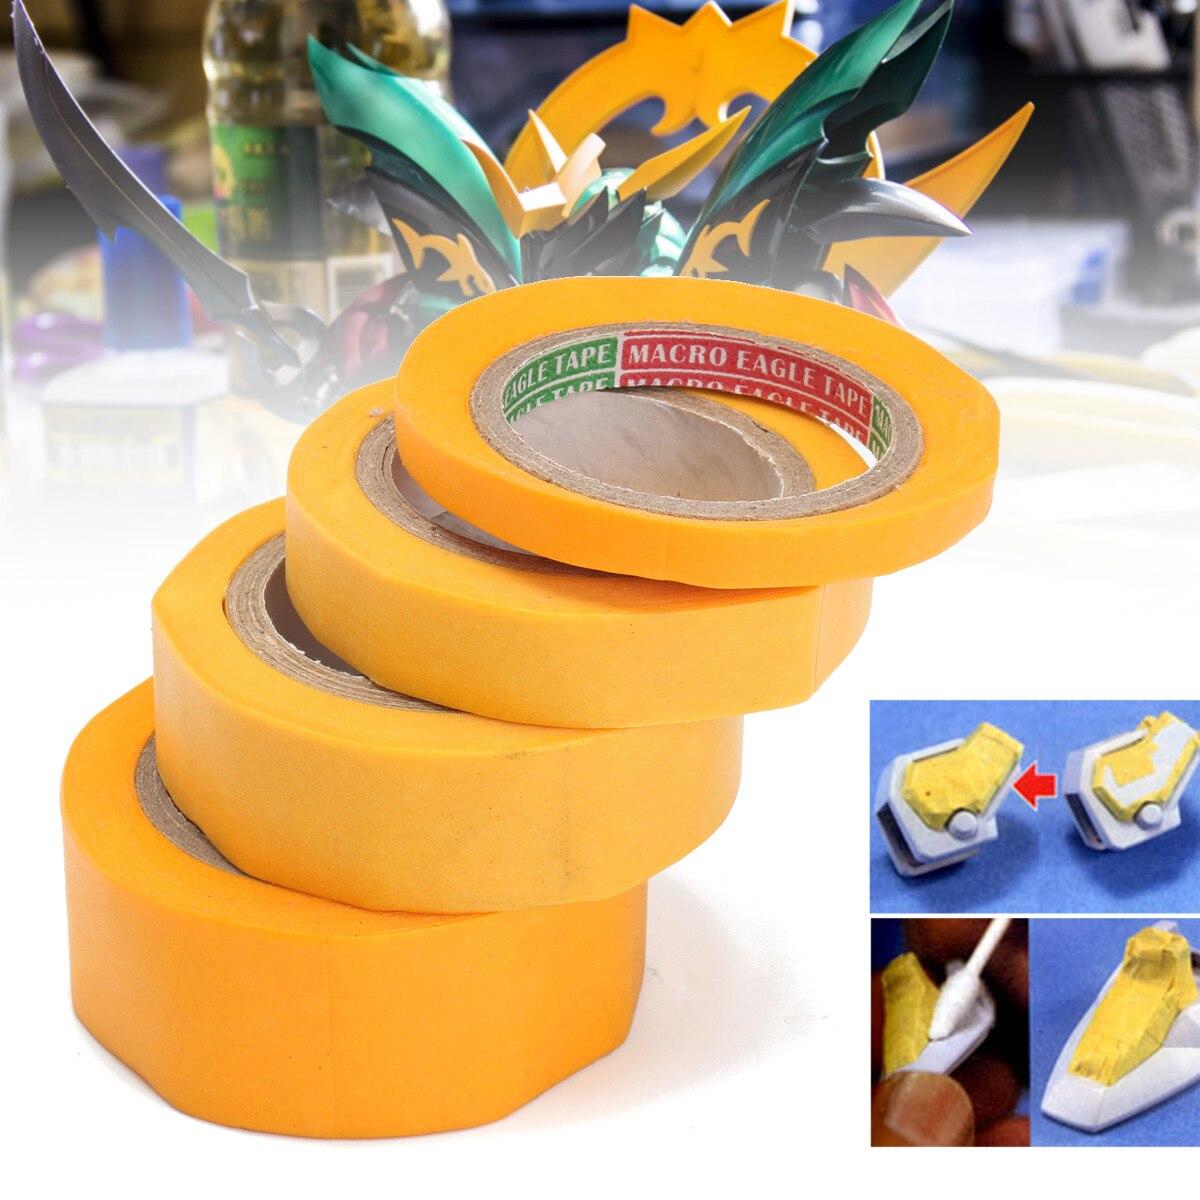 4 teile/satz Gelb Masking Tape DIY Handwerk Modeler Auto Modell Werkzeuge Farbe Auto Malerei Wand Malerei Büro Zubehör Dekoration